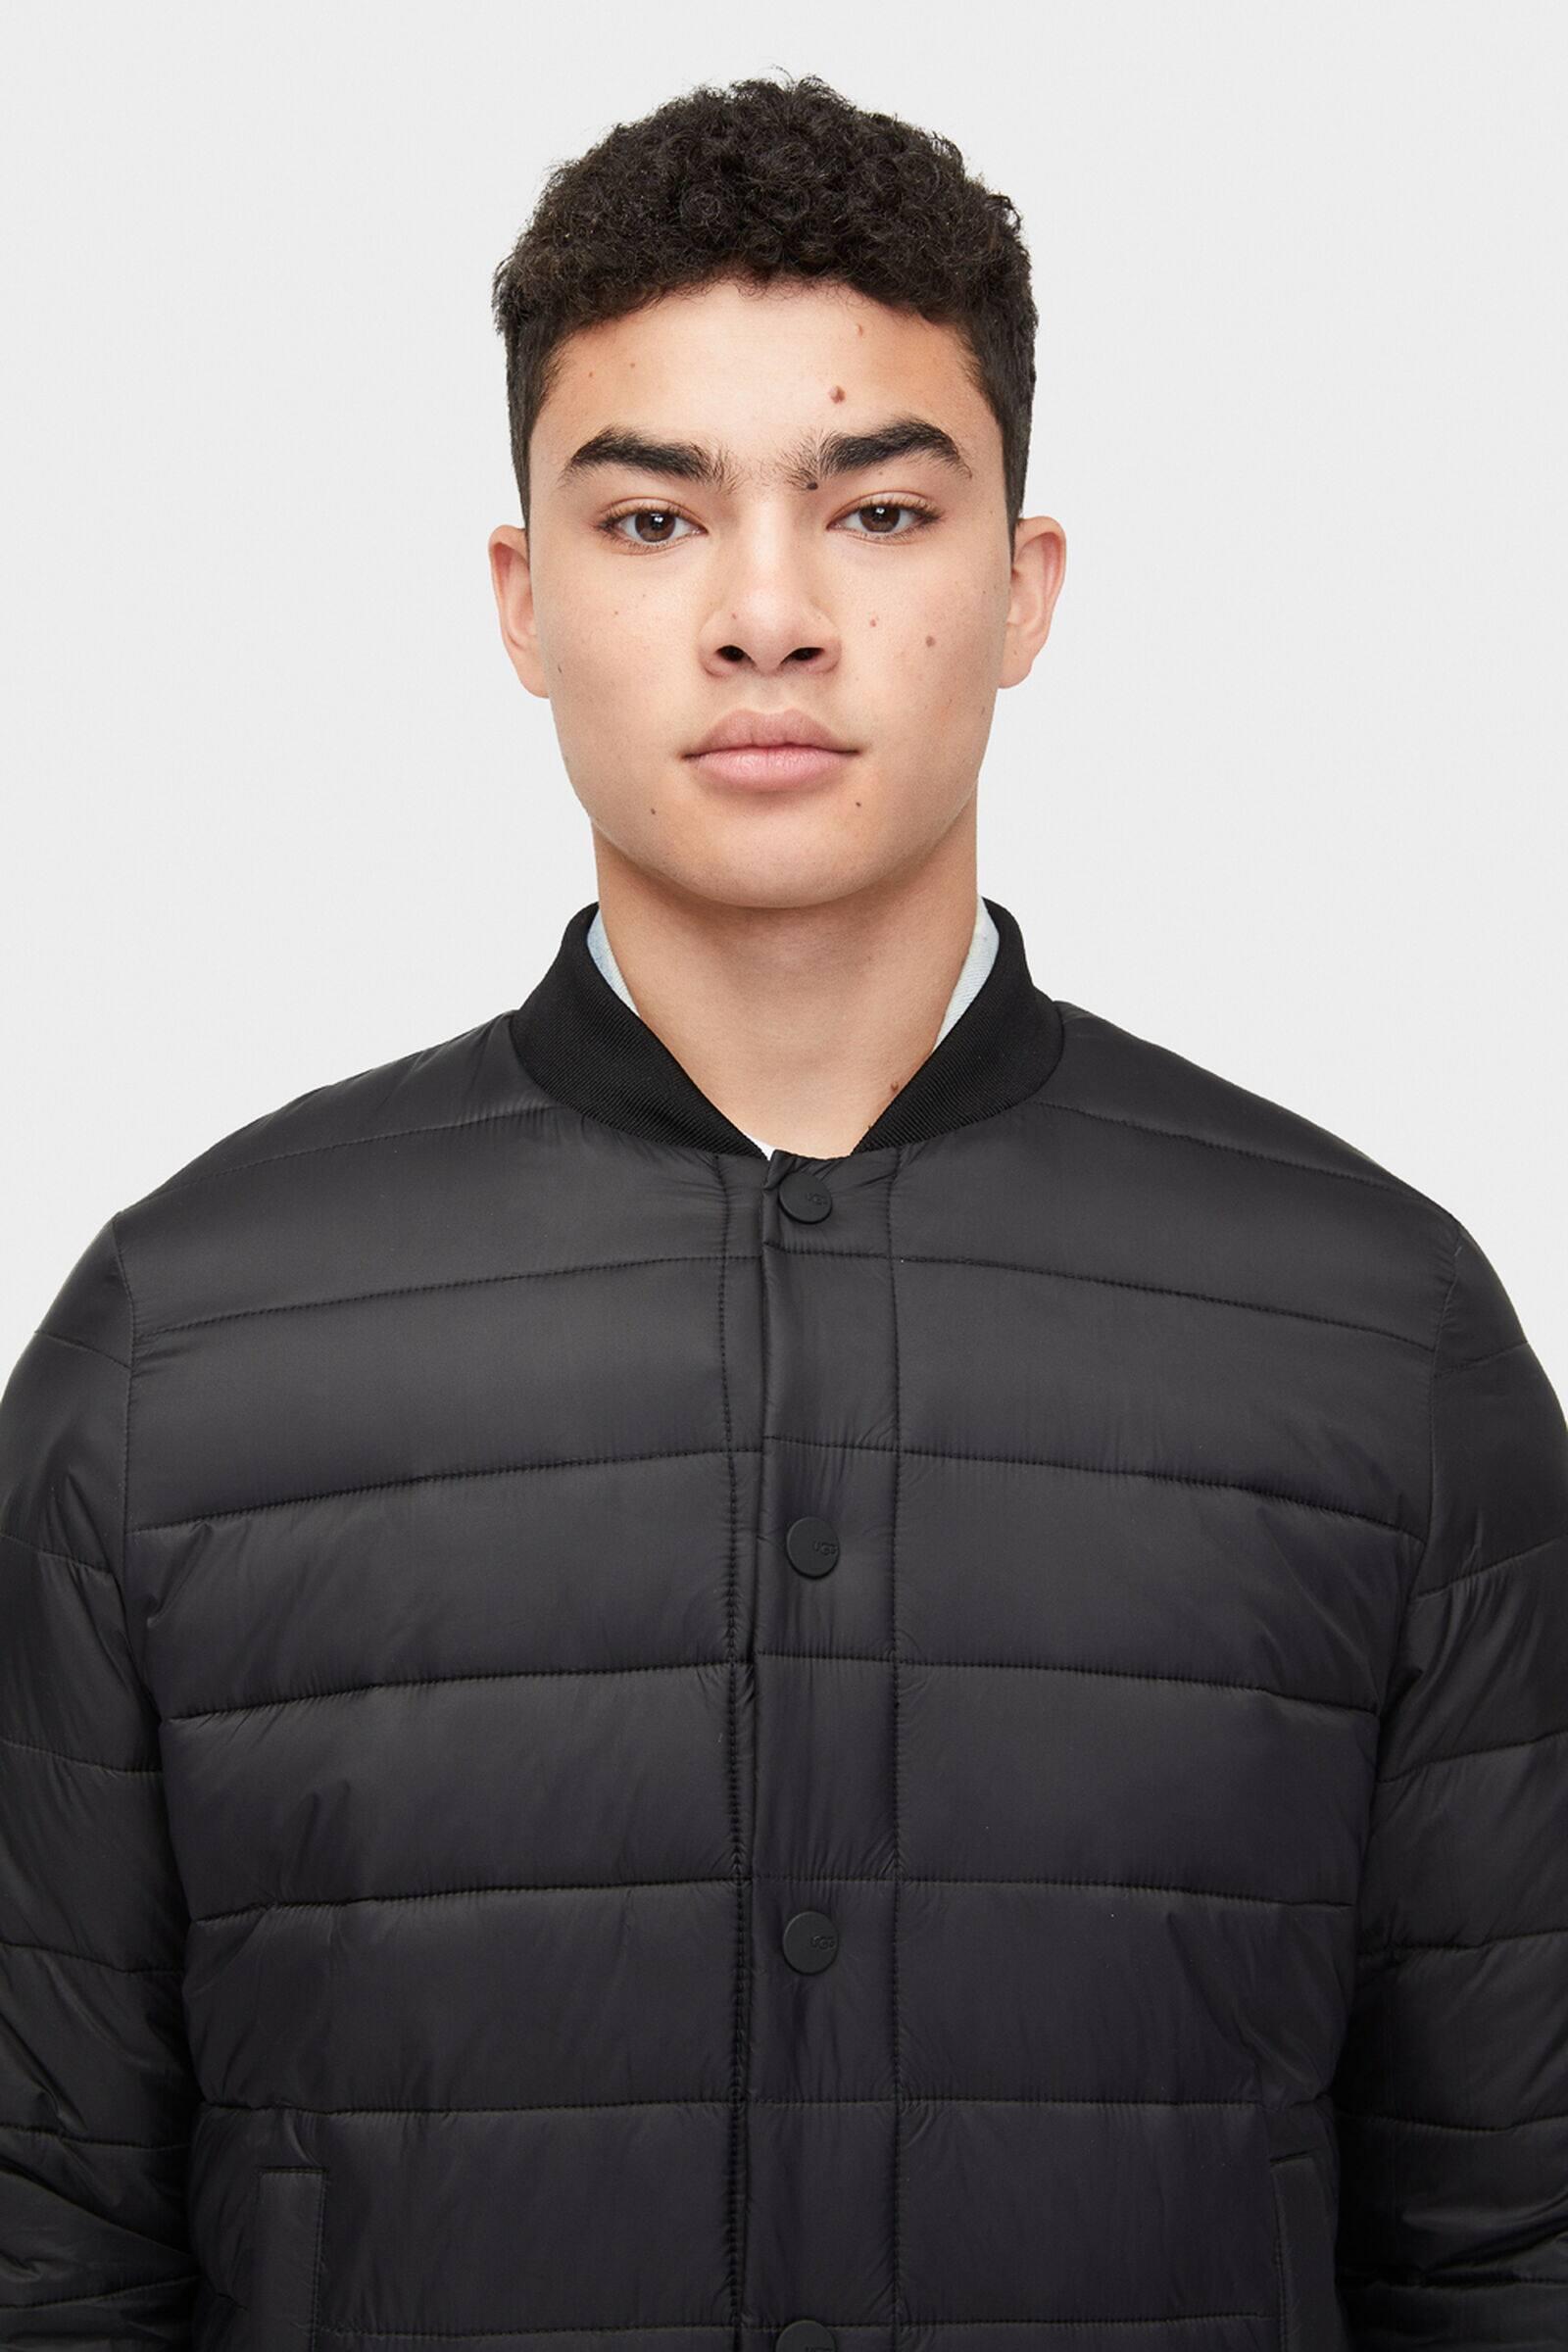 UGG Synthetisch Gavin Bomber Jacket in het Zwart voor heren